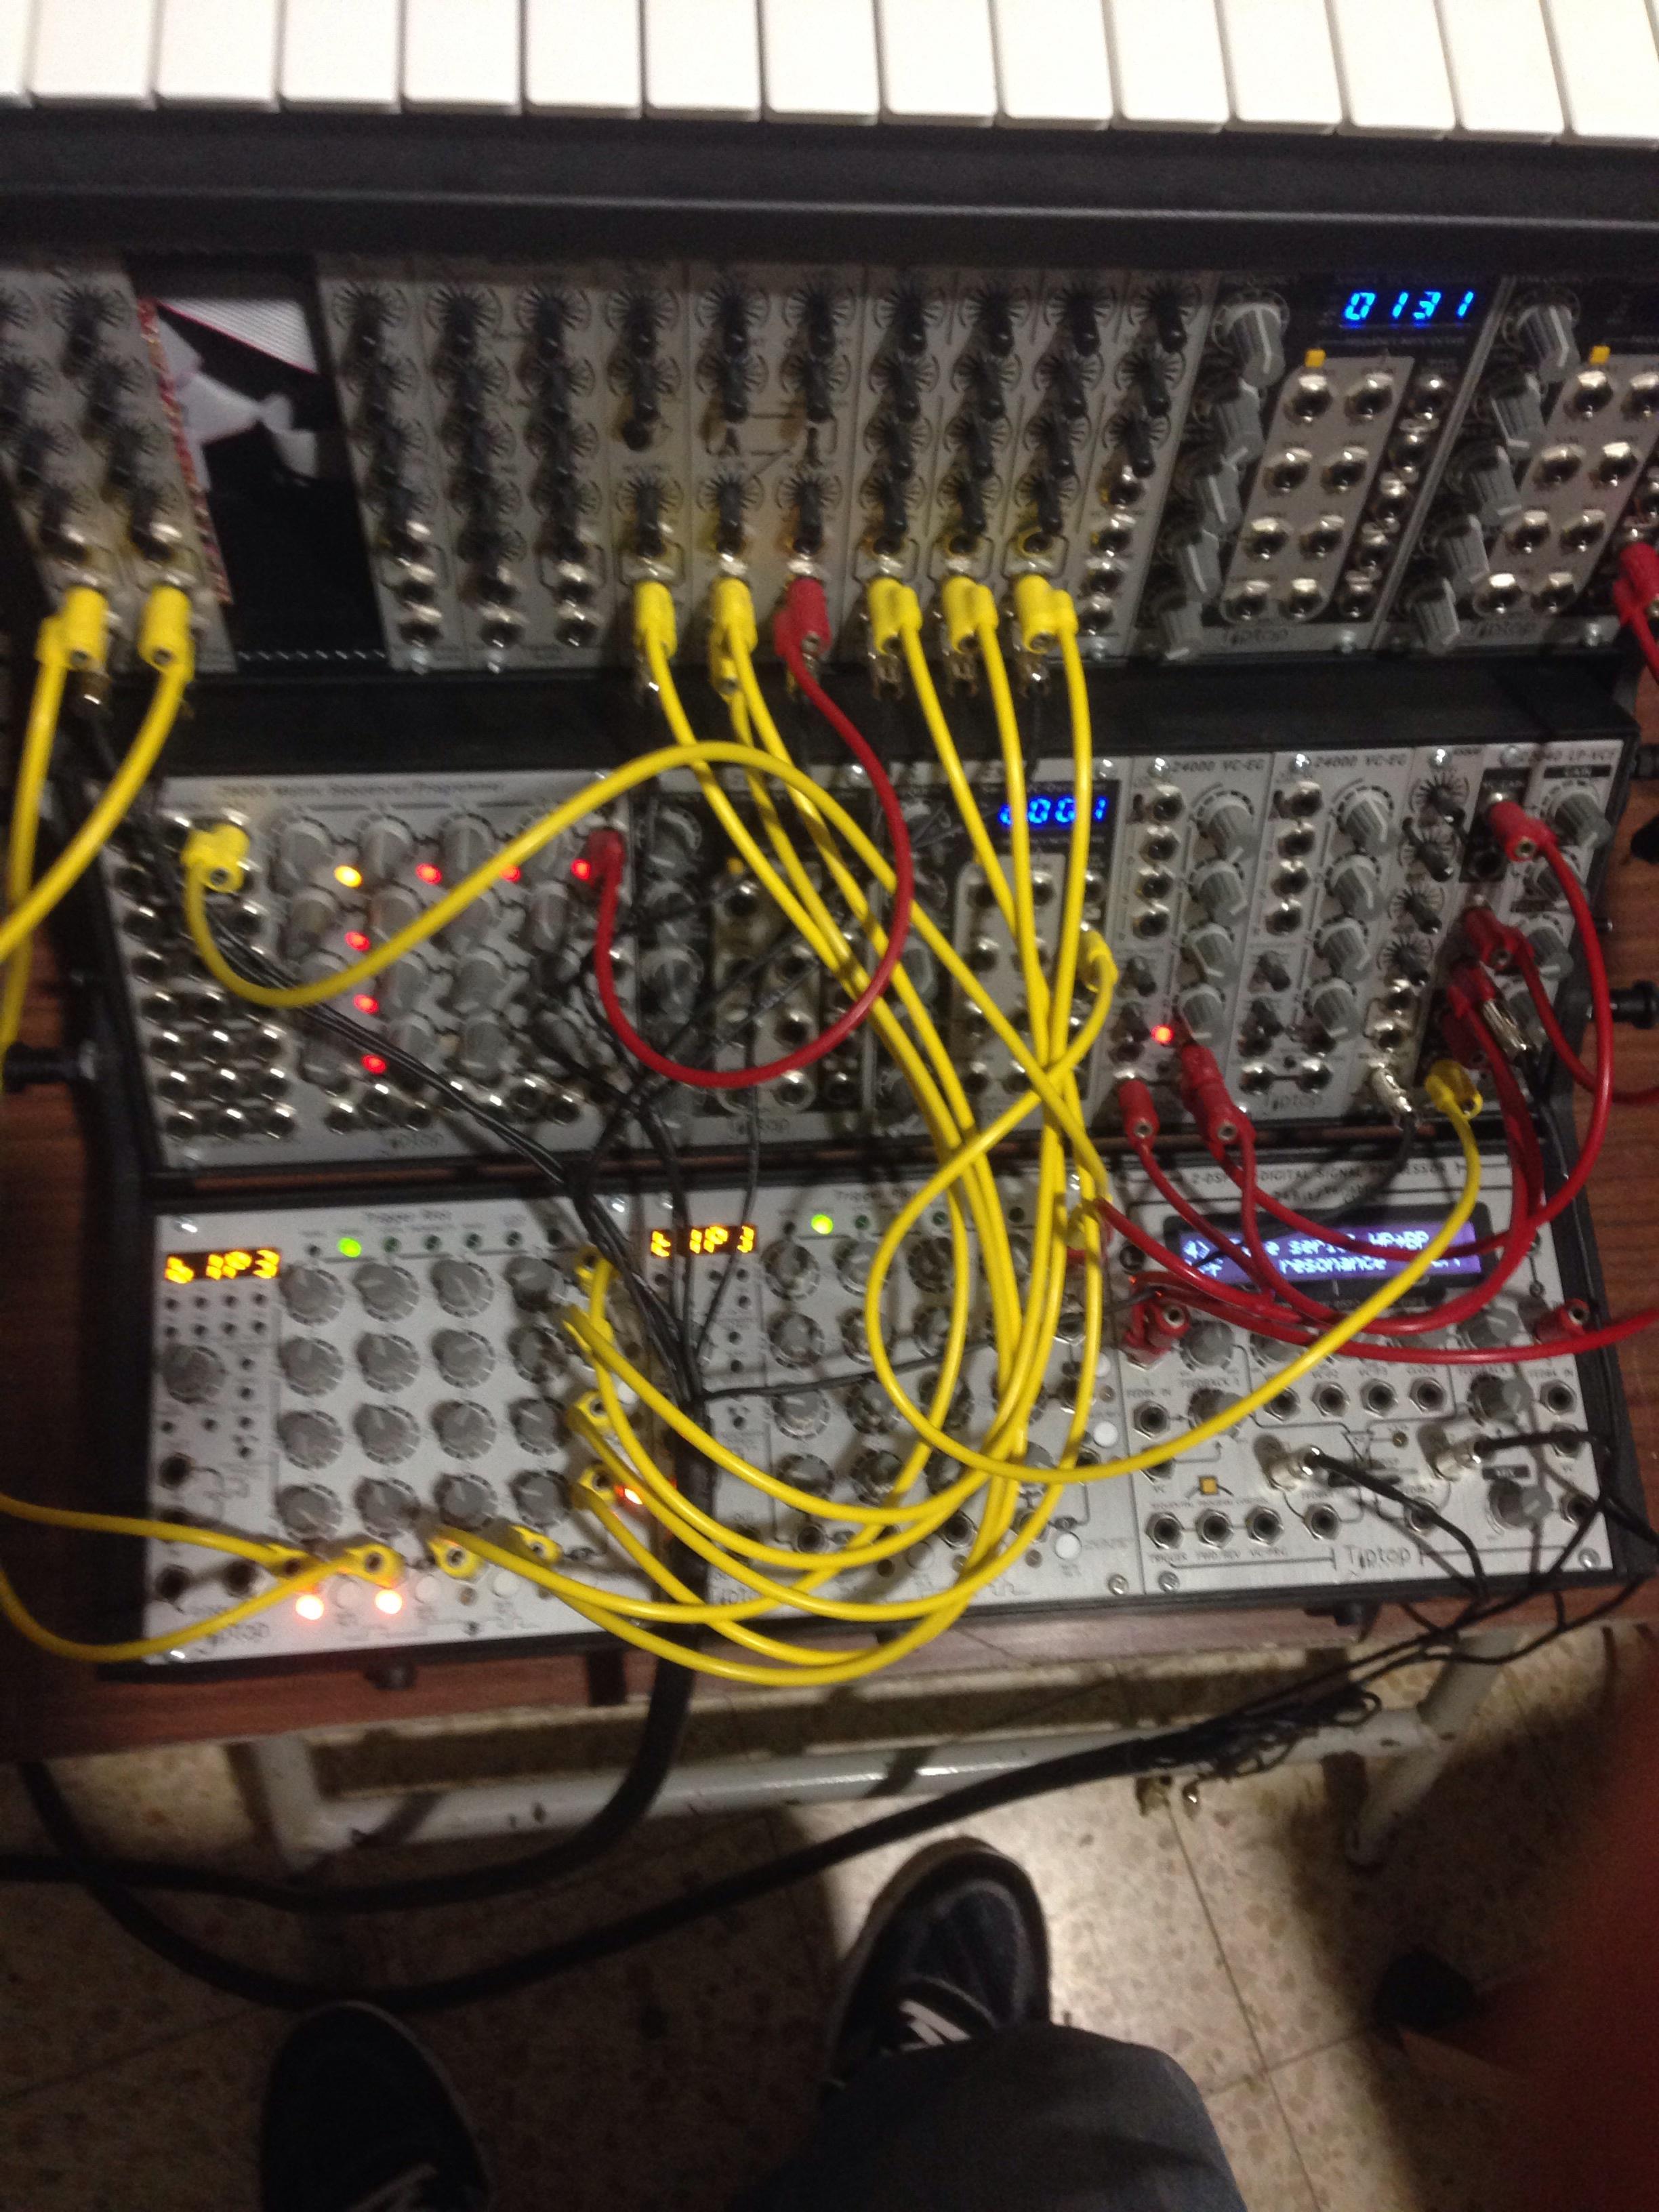 tiptop audio full system